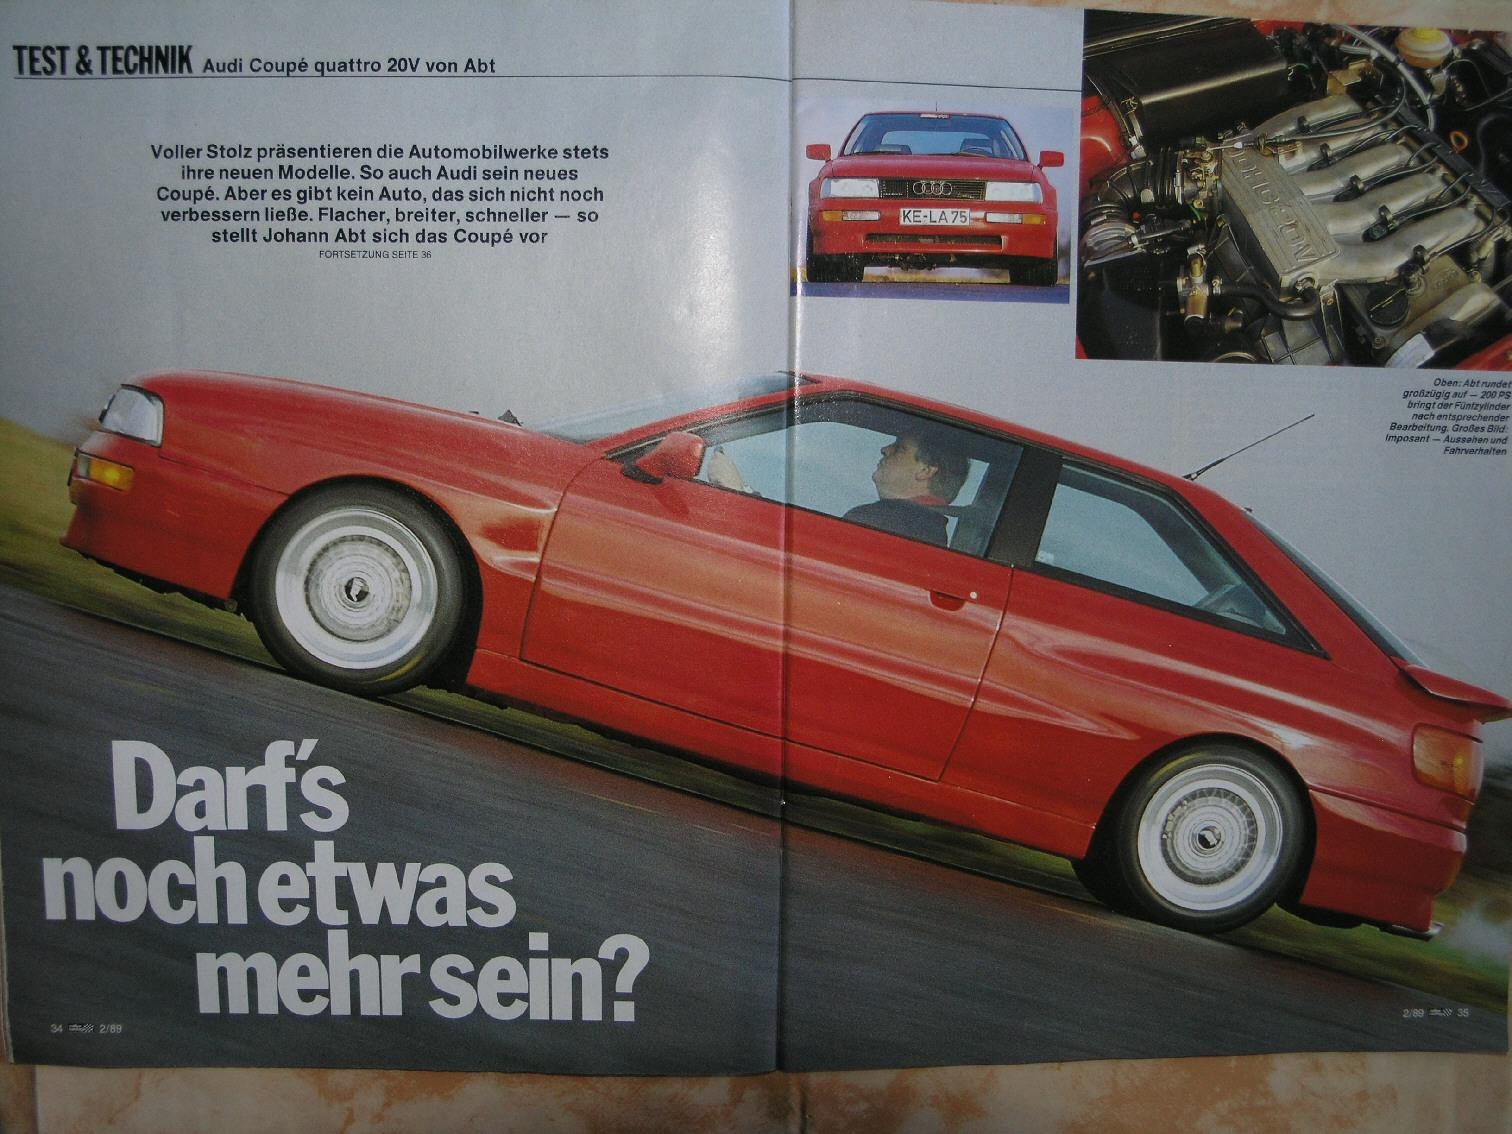 Audi 5 Zylinder FORUM :: Thema anzeigen - Audi Coupe Quattro 20V von ...